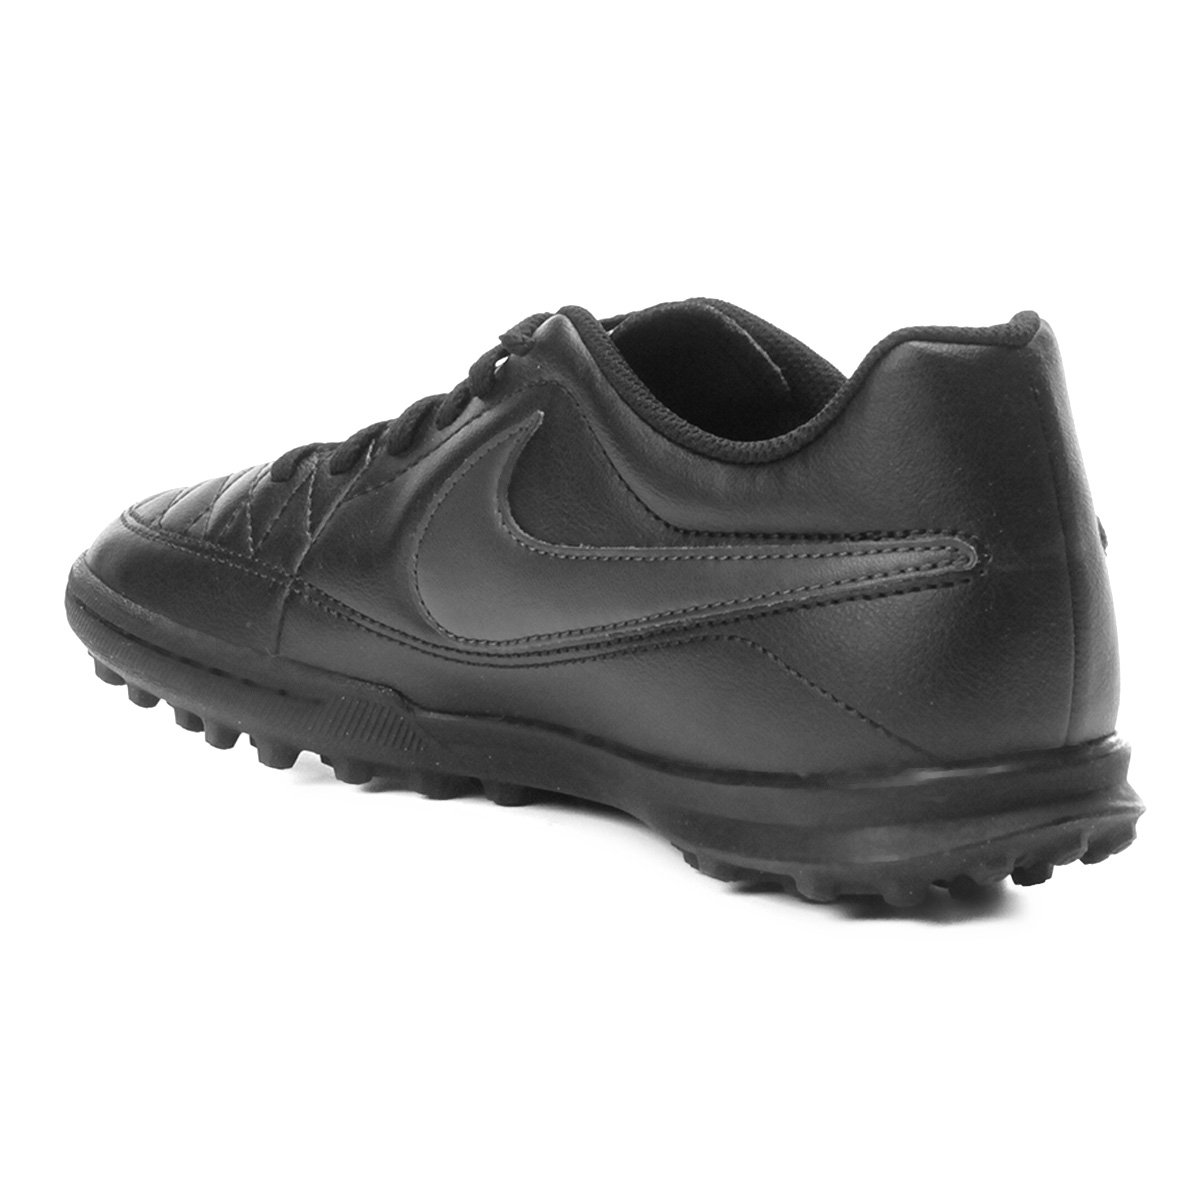 Chuteira Society Nike Majestry TF  Chuteira Society Nike Majestry TF ... f6759e4e6d94b